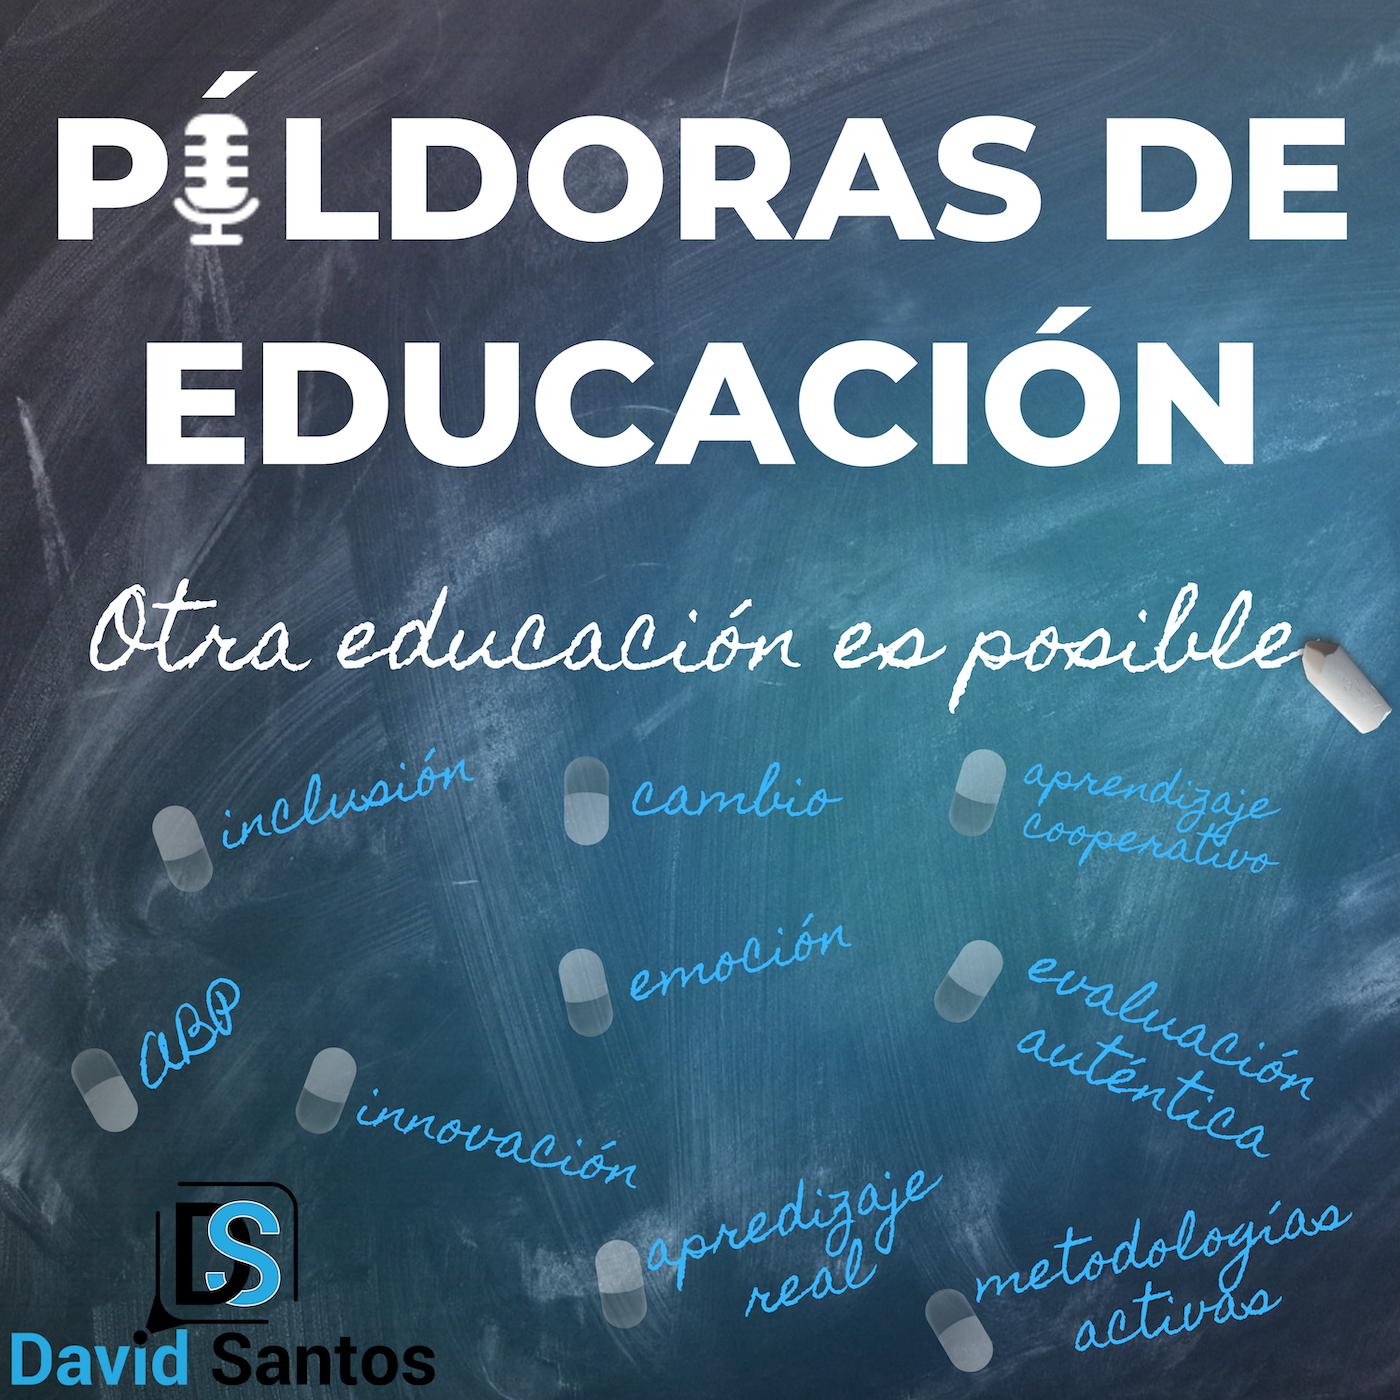 Píldoras de Educación - Podcast sobre innovación y cambio educativo. En él intento que reflexionemos sobre el necesario cambio que debemos dar en nuestras aulas para hacer a nuestros alumnos protagonistas a través de metodologías activas.